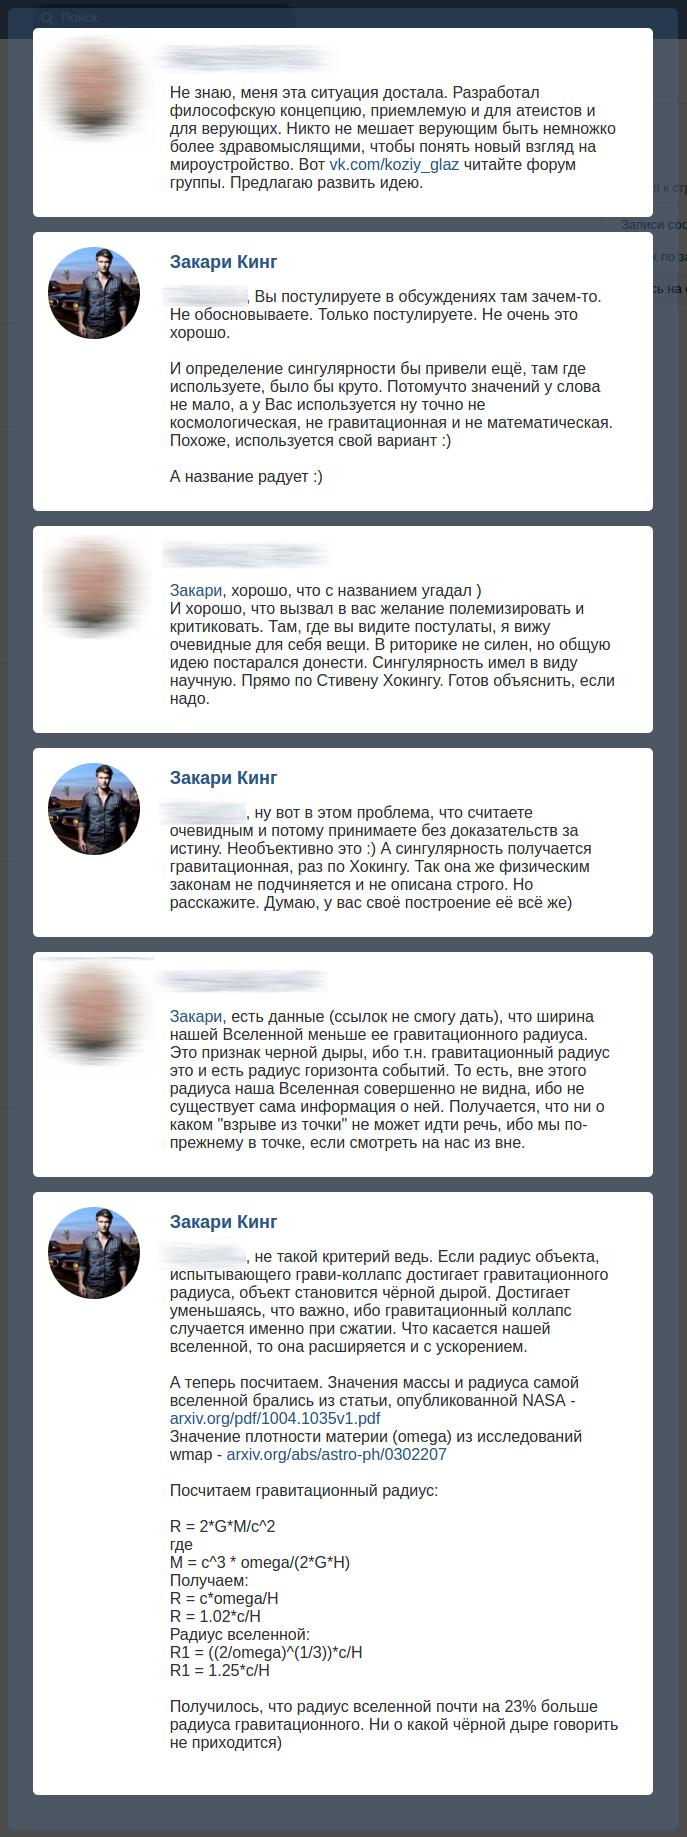 Скованные одной цепью, или добавим комфорта комментариям Вконтакте - 6